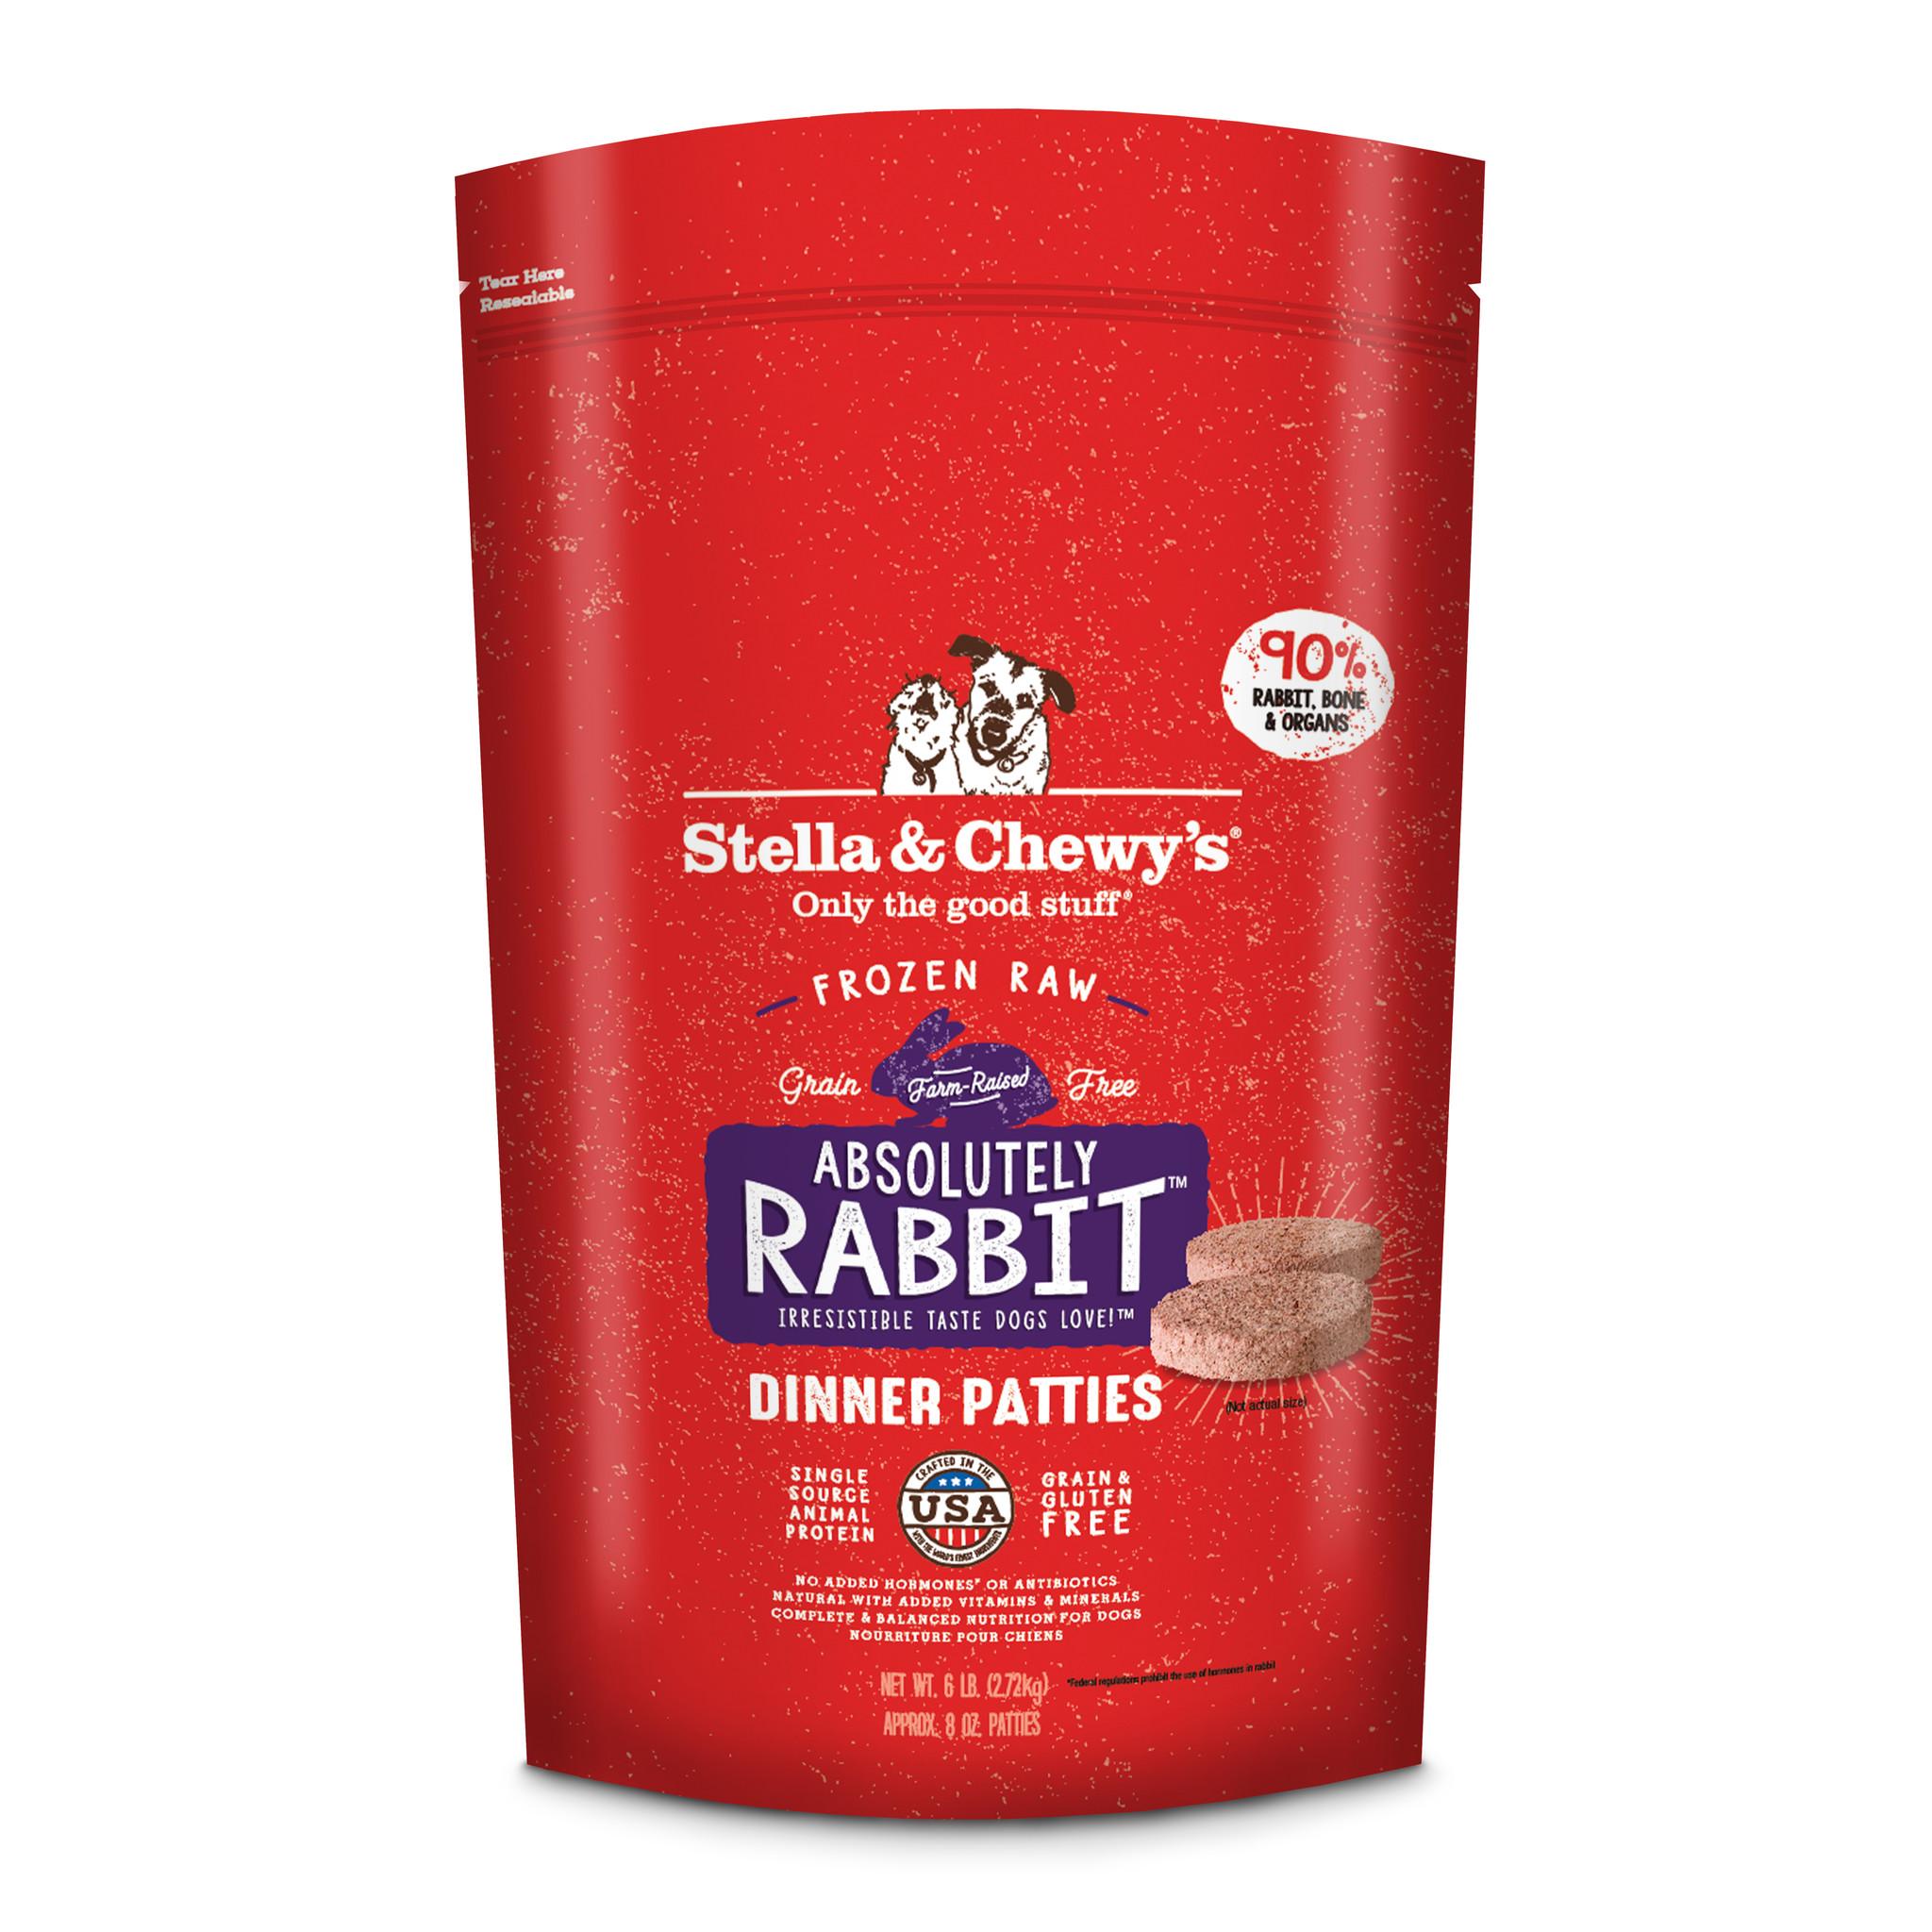 Stella & Chewys Stella & Chewys Absolutely Rabbit Frozen Raw Dinner Patties